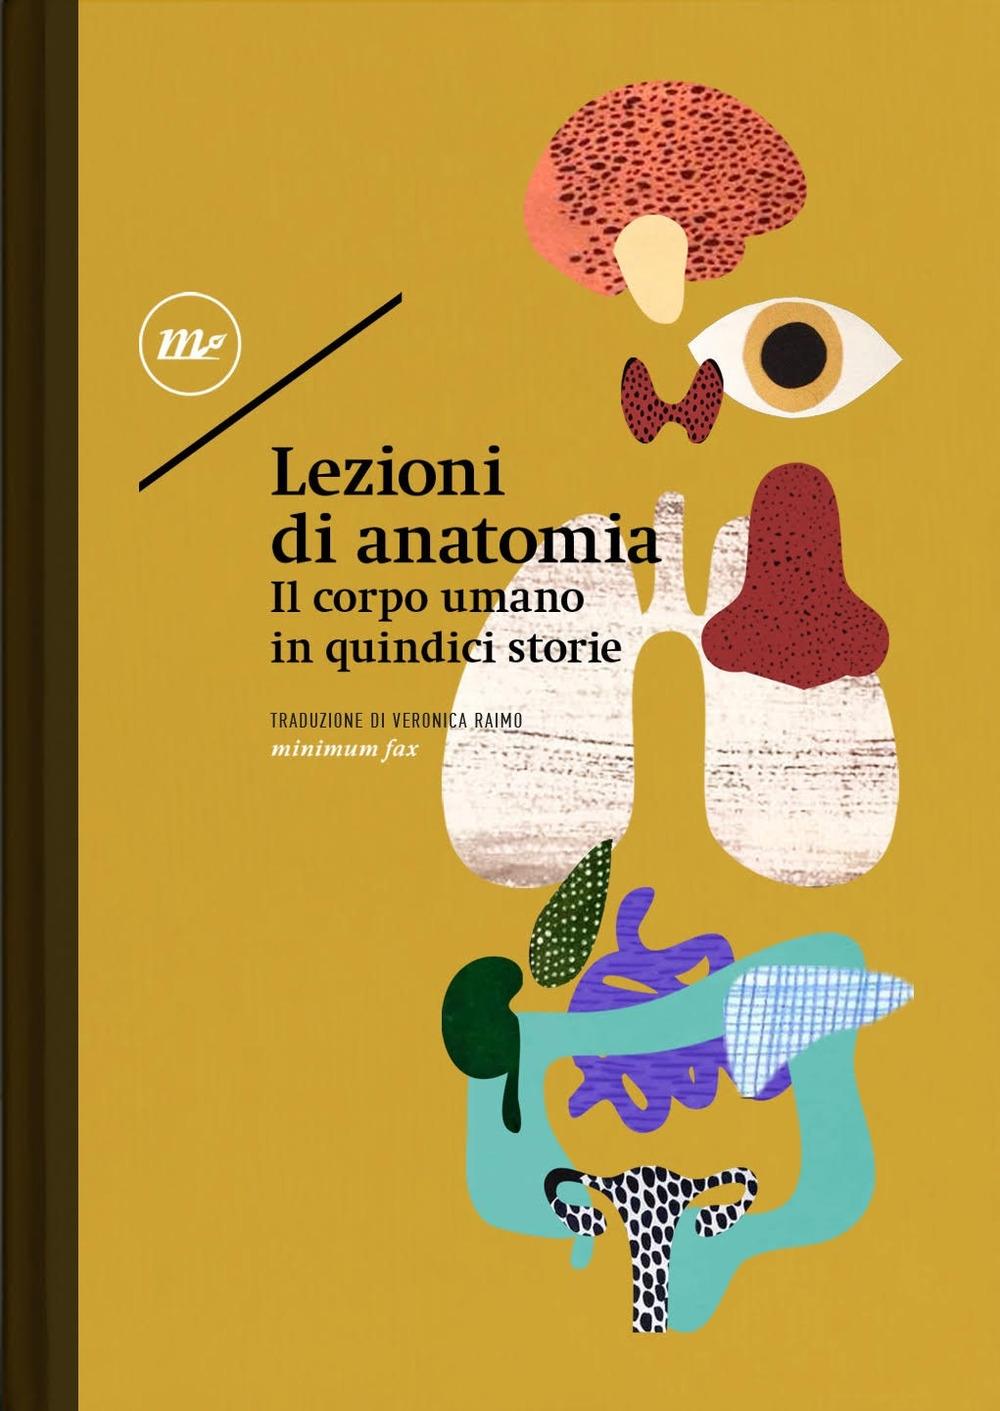 Lezioni di anatomia. Il corpo umano in quindici storie